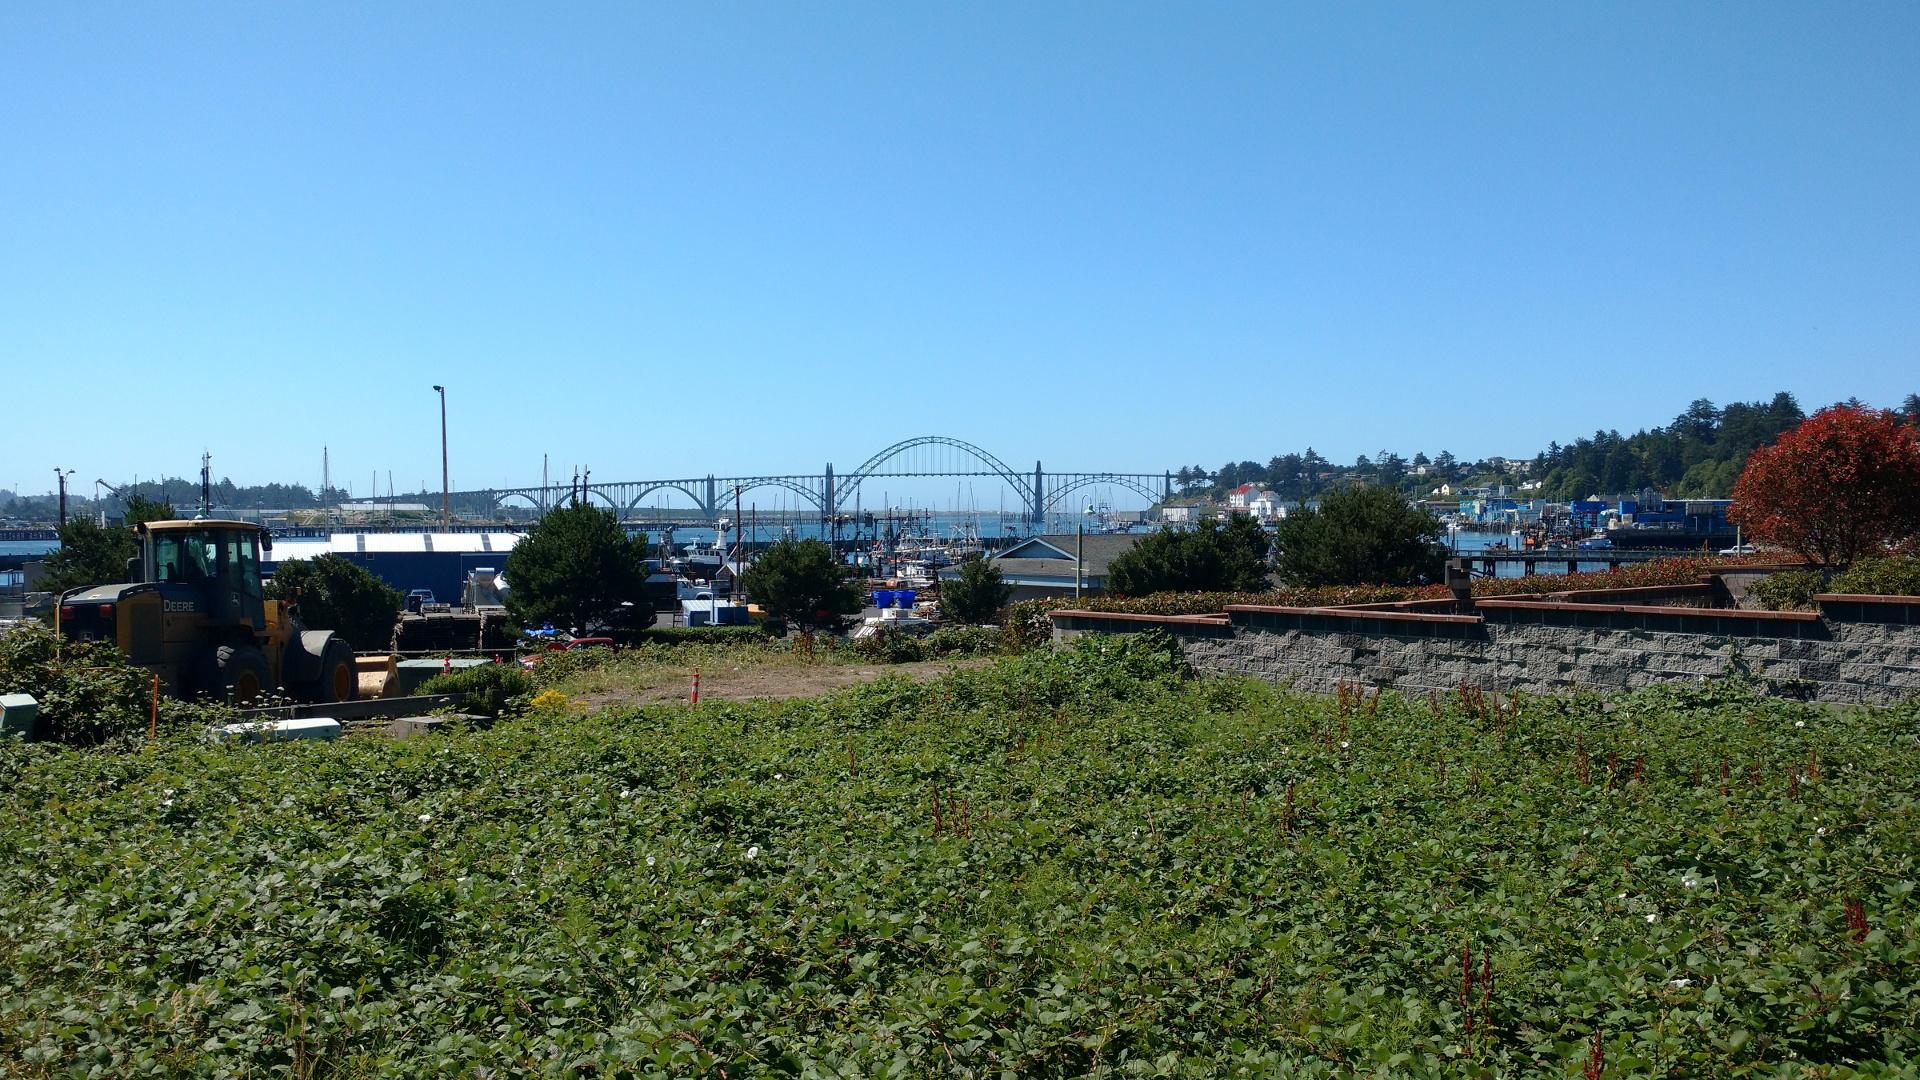 ニューポートの大きな橋